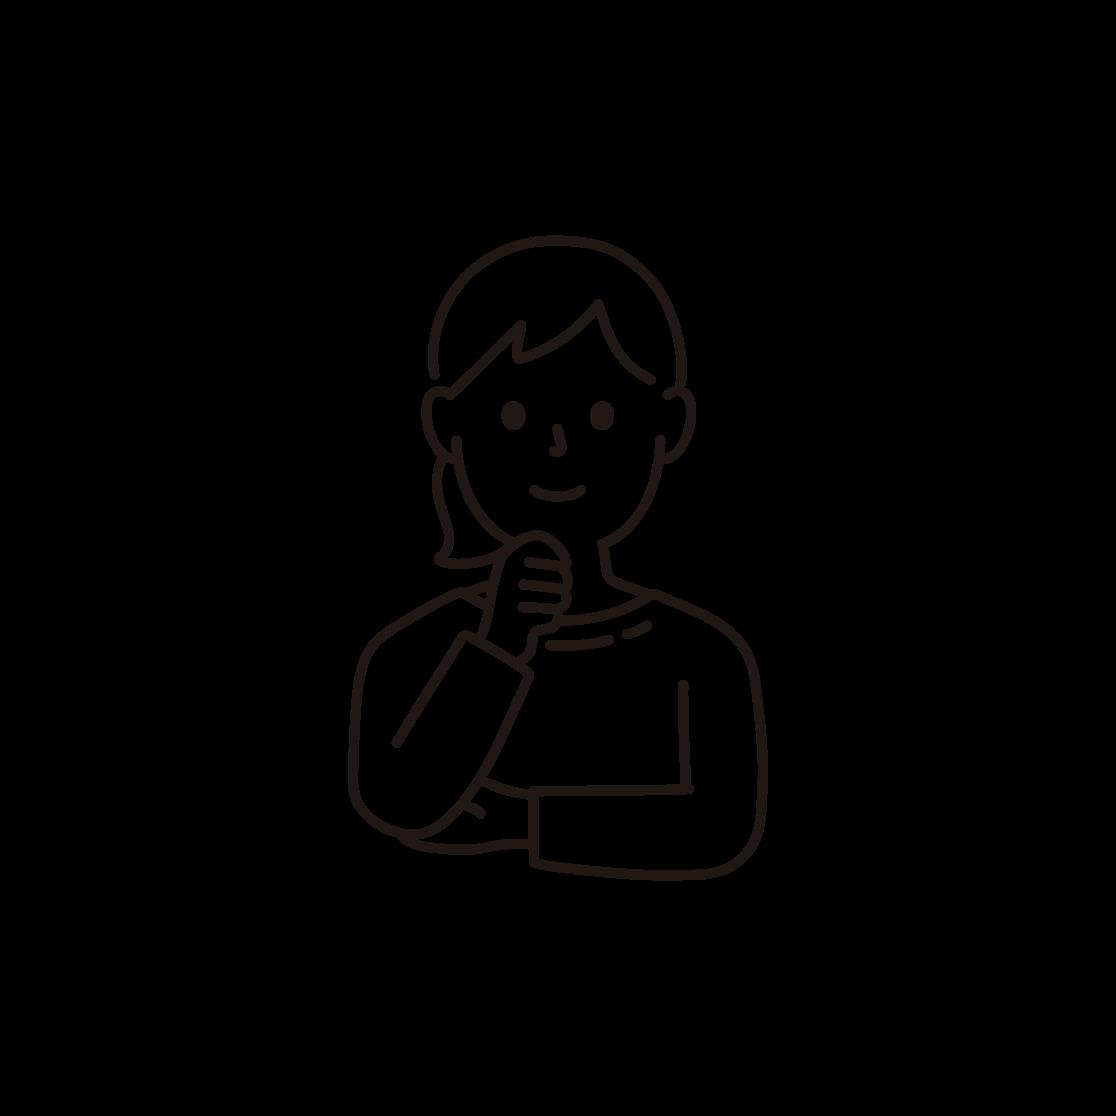 顎に手を当てる女性の線画イラスト